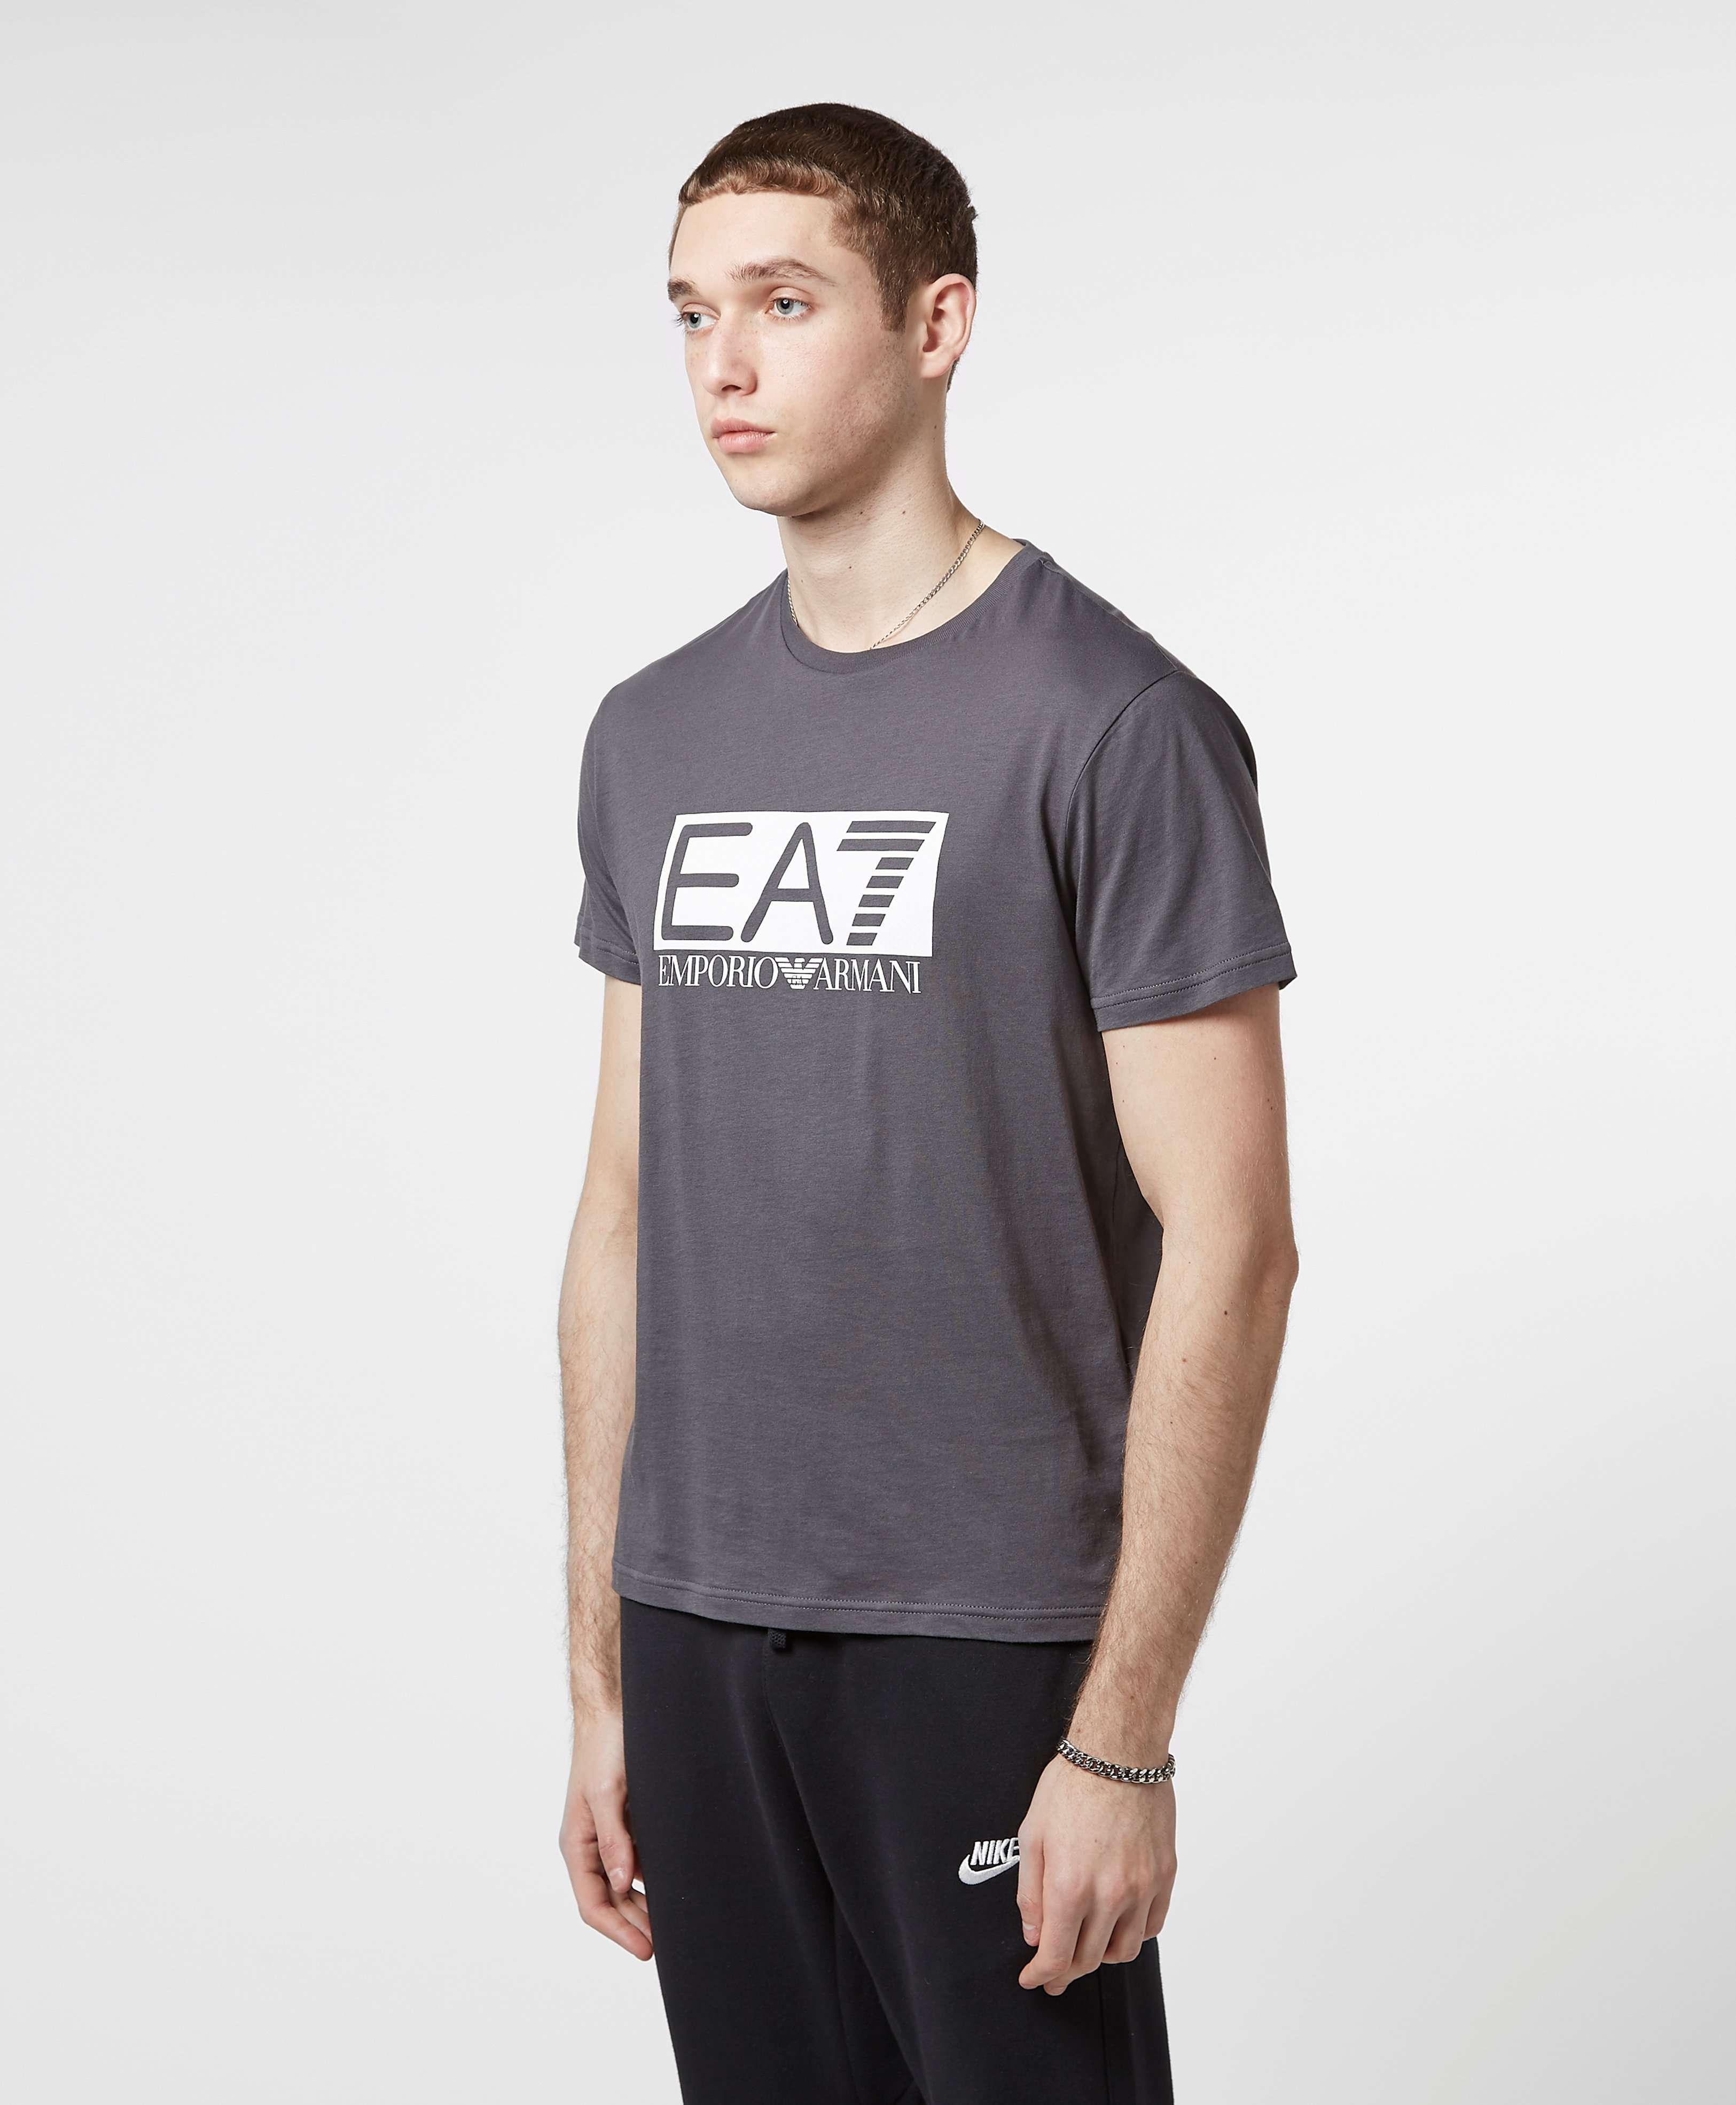 Emporio Armani EA7 Visibility Reflective Logo T-Shirt